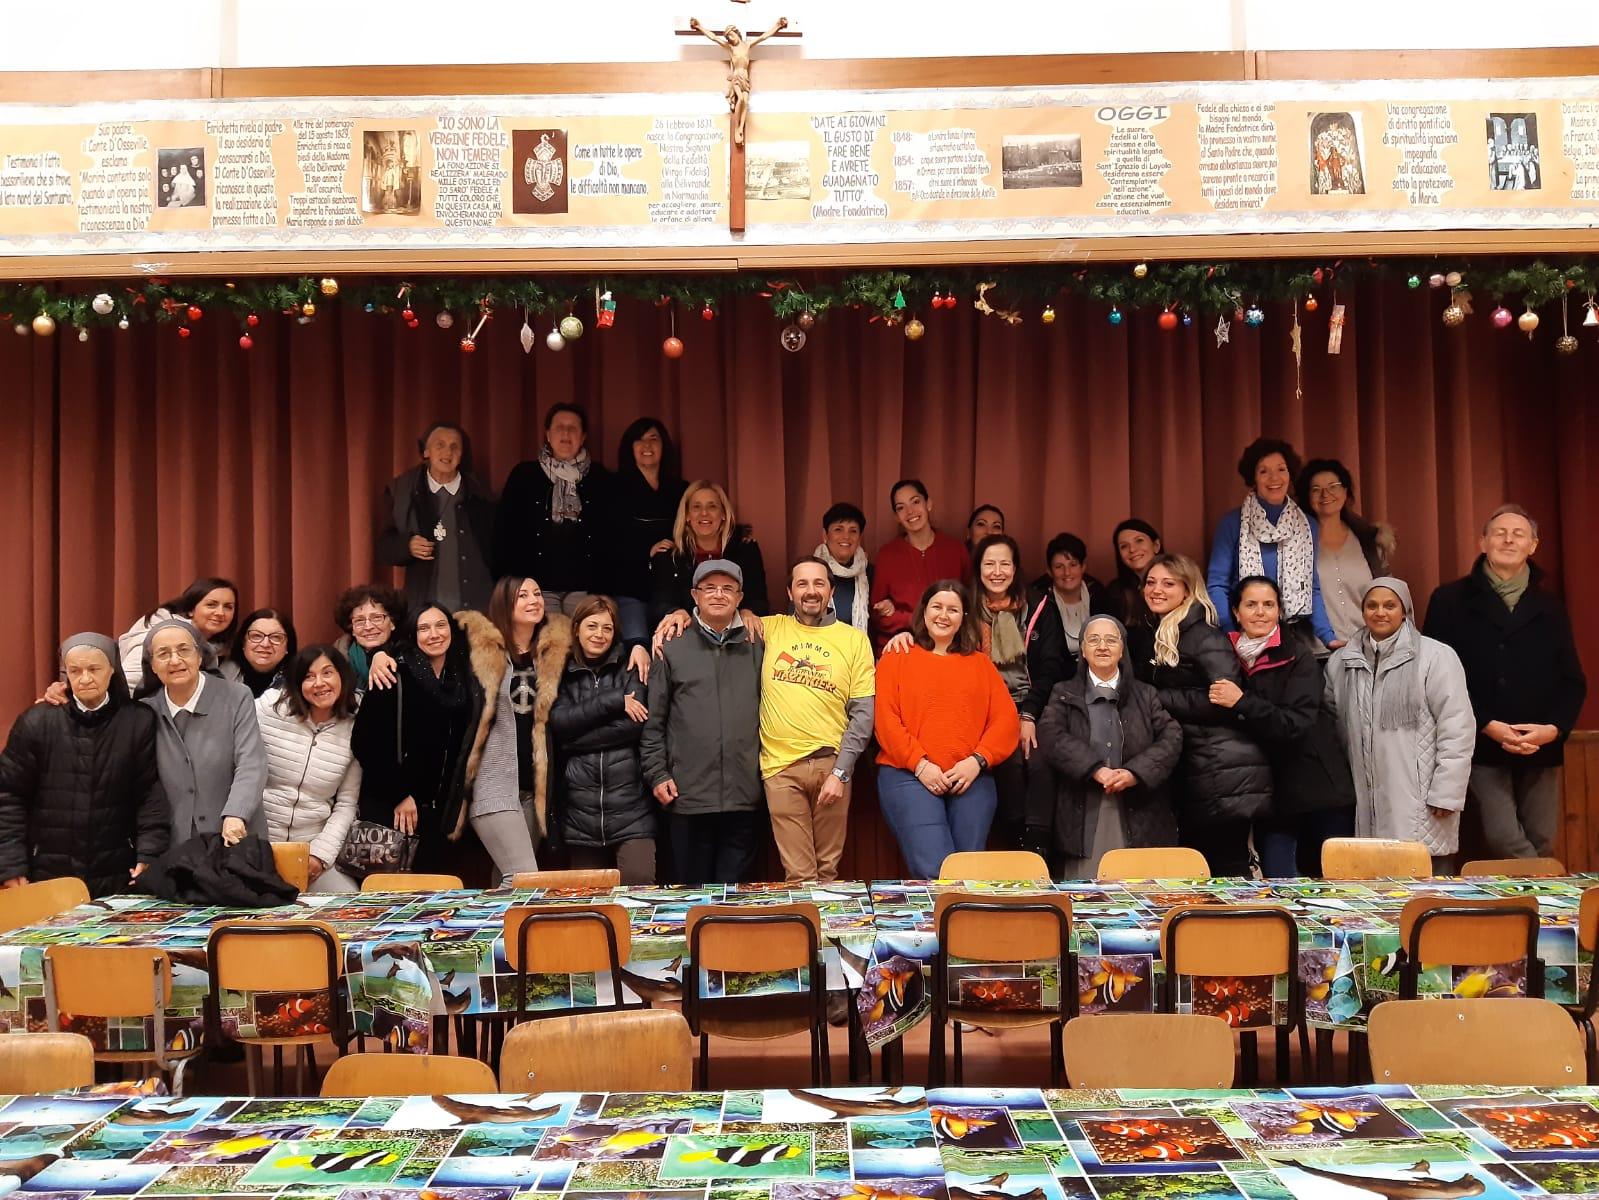 L'équipe éducative de Virgo Fidelis à Grottaferrata